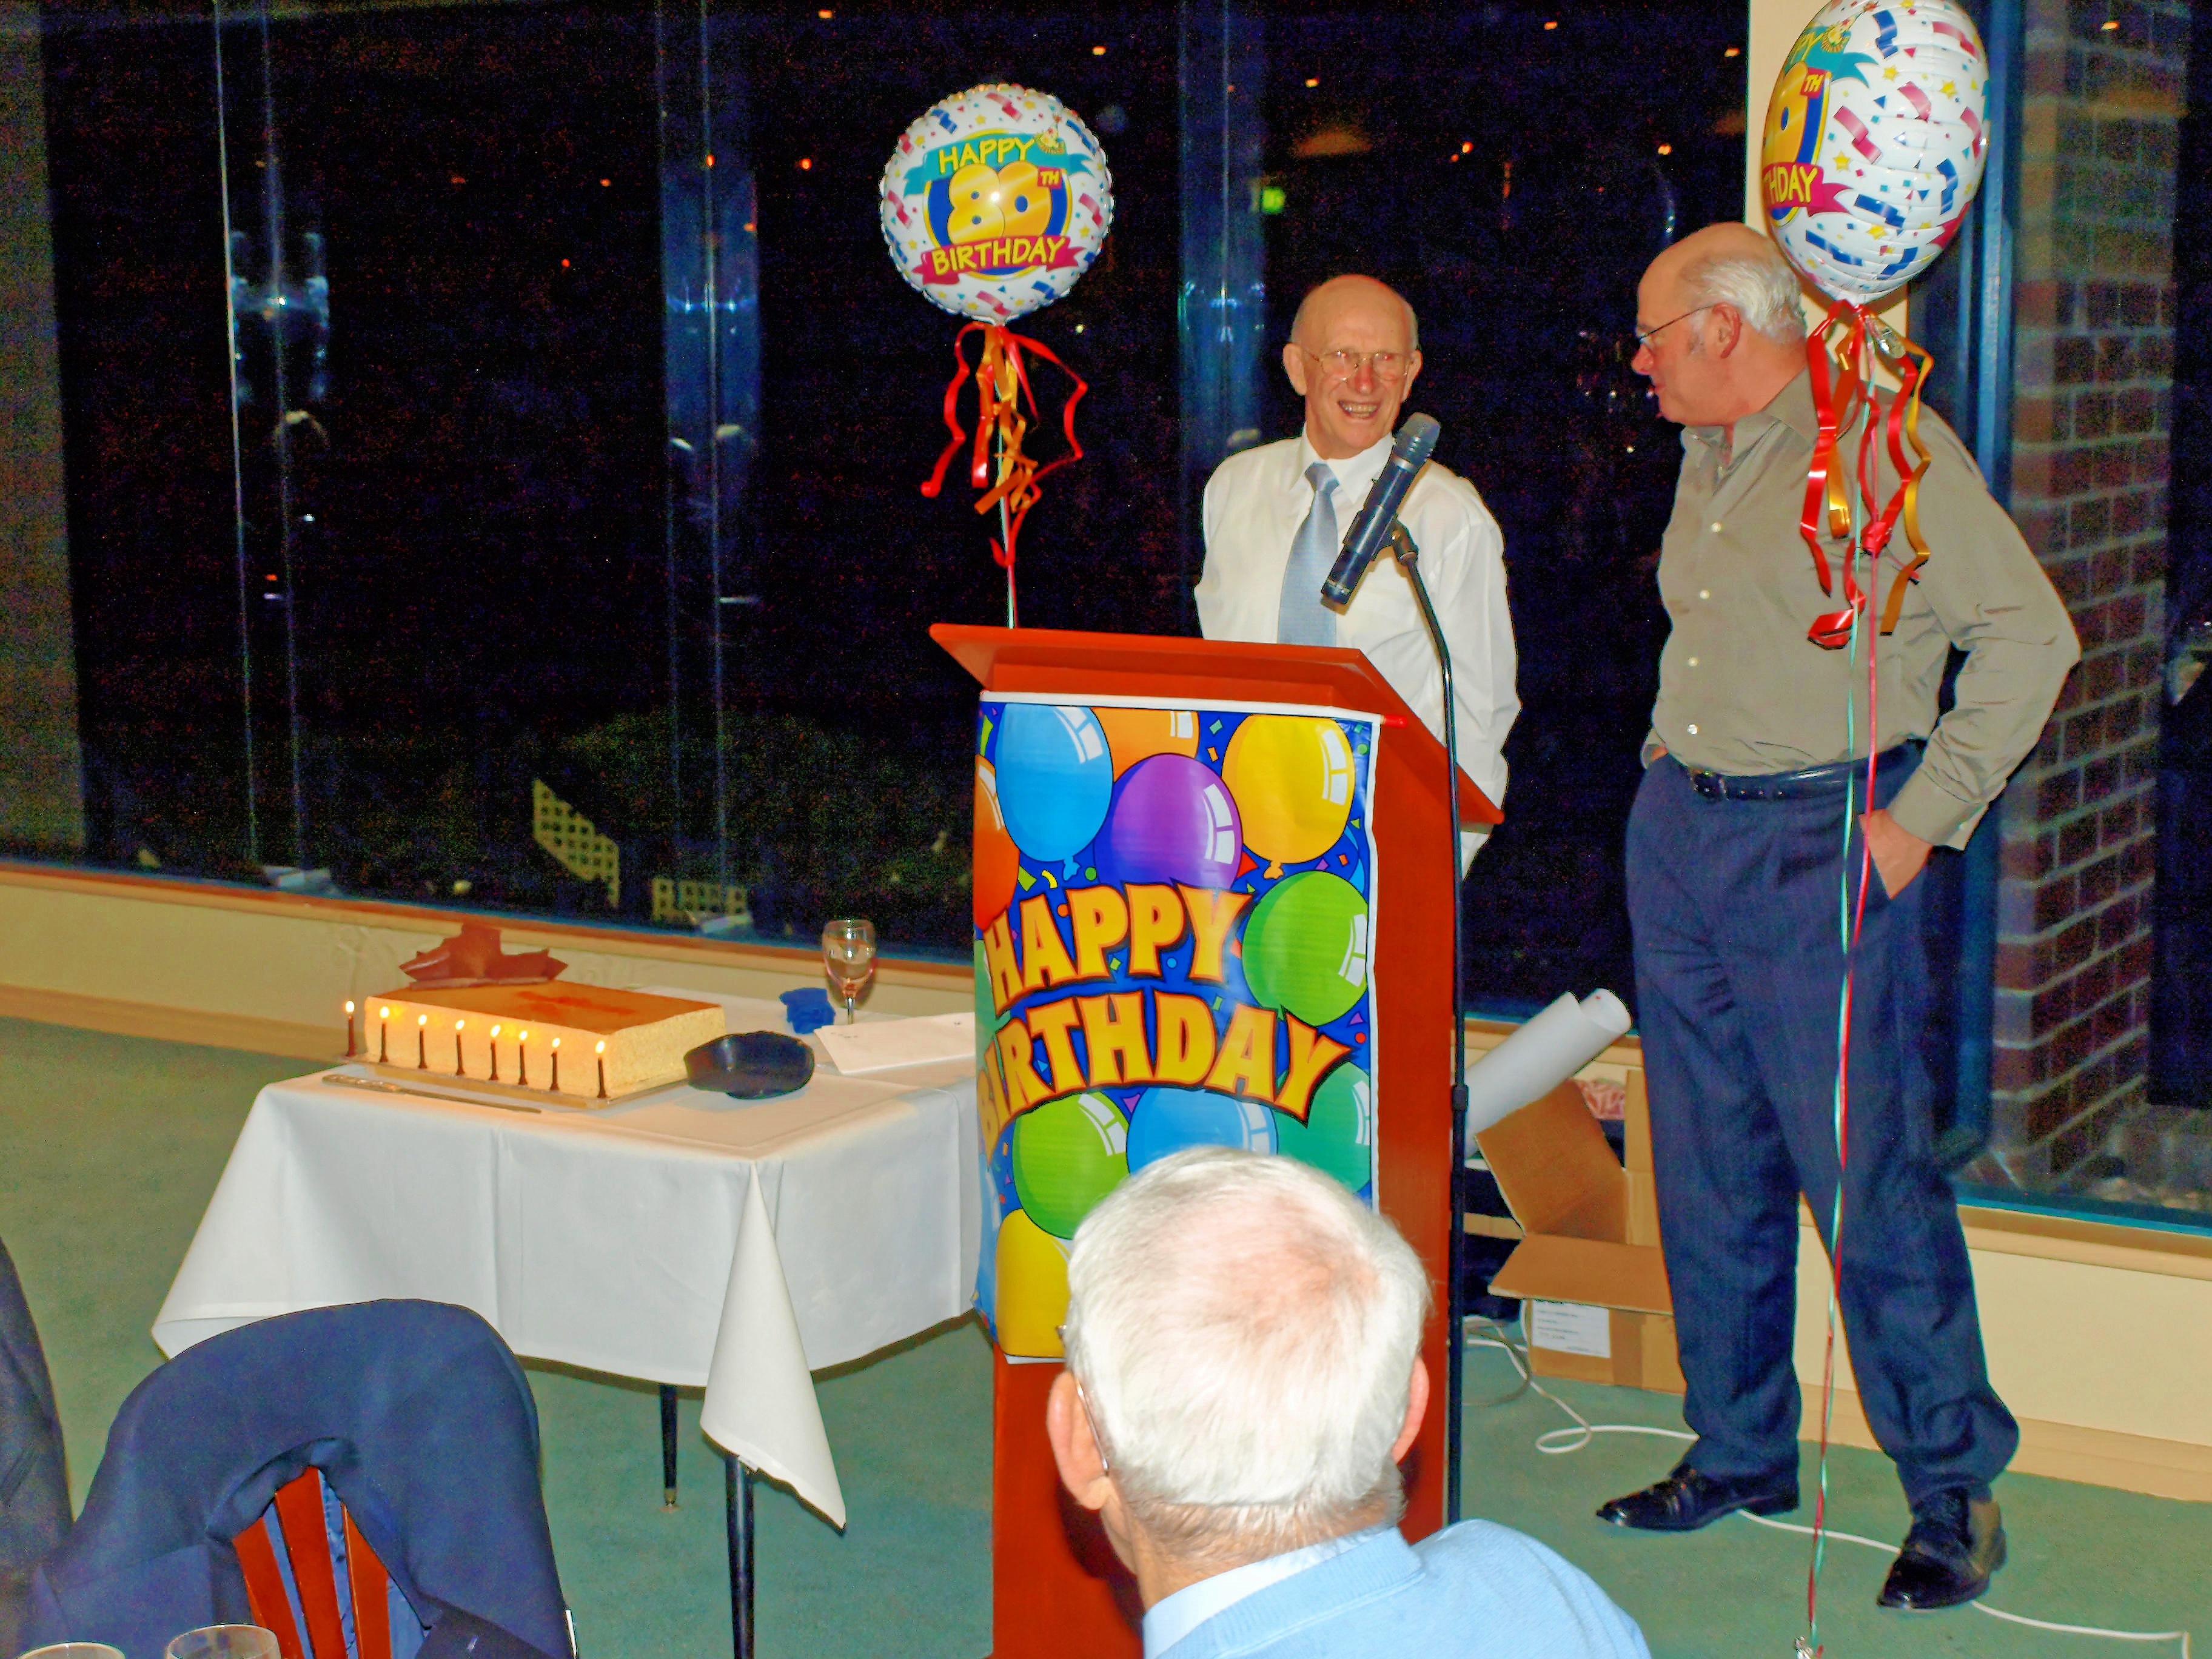 80th-birthday-23.jpeg